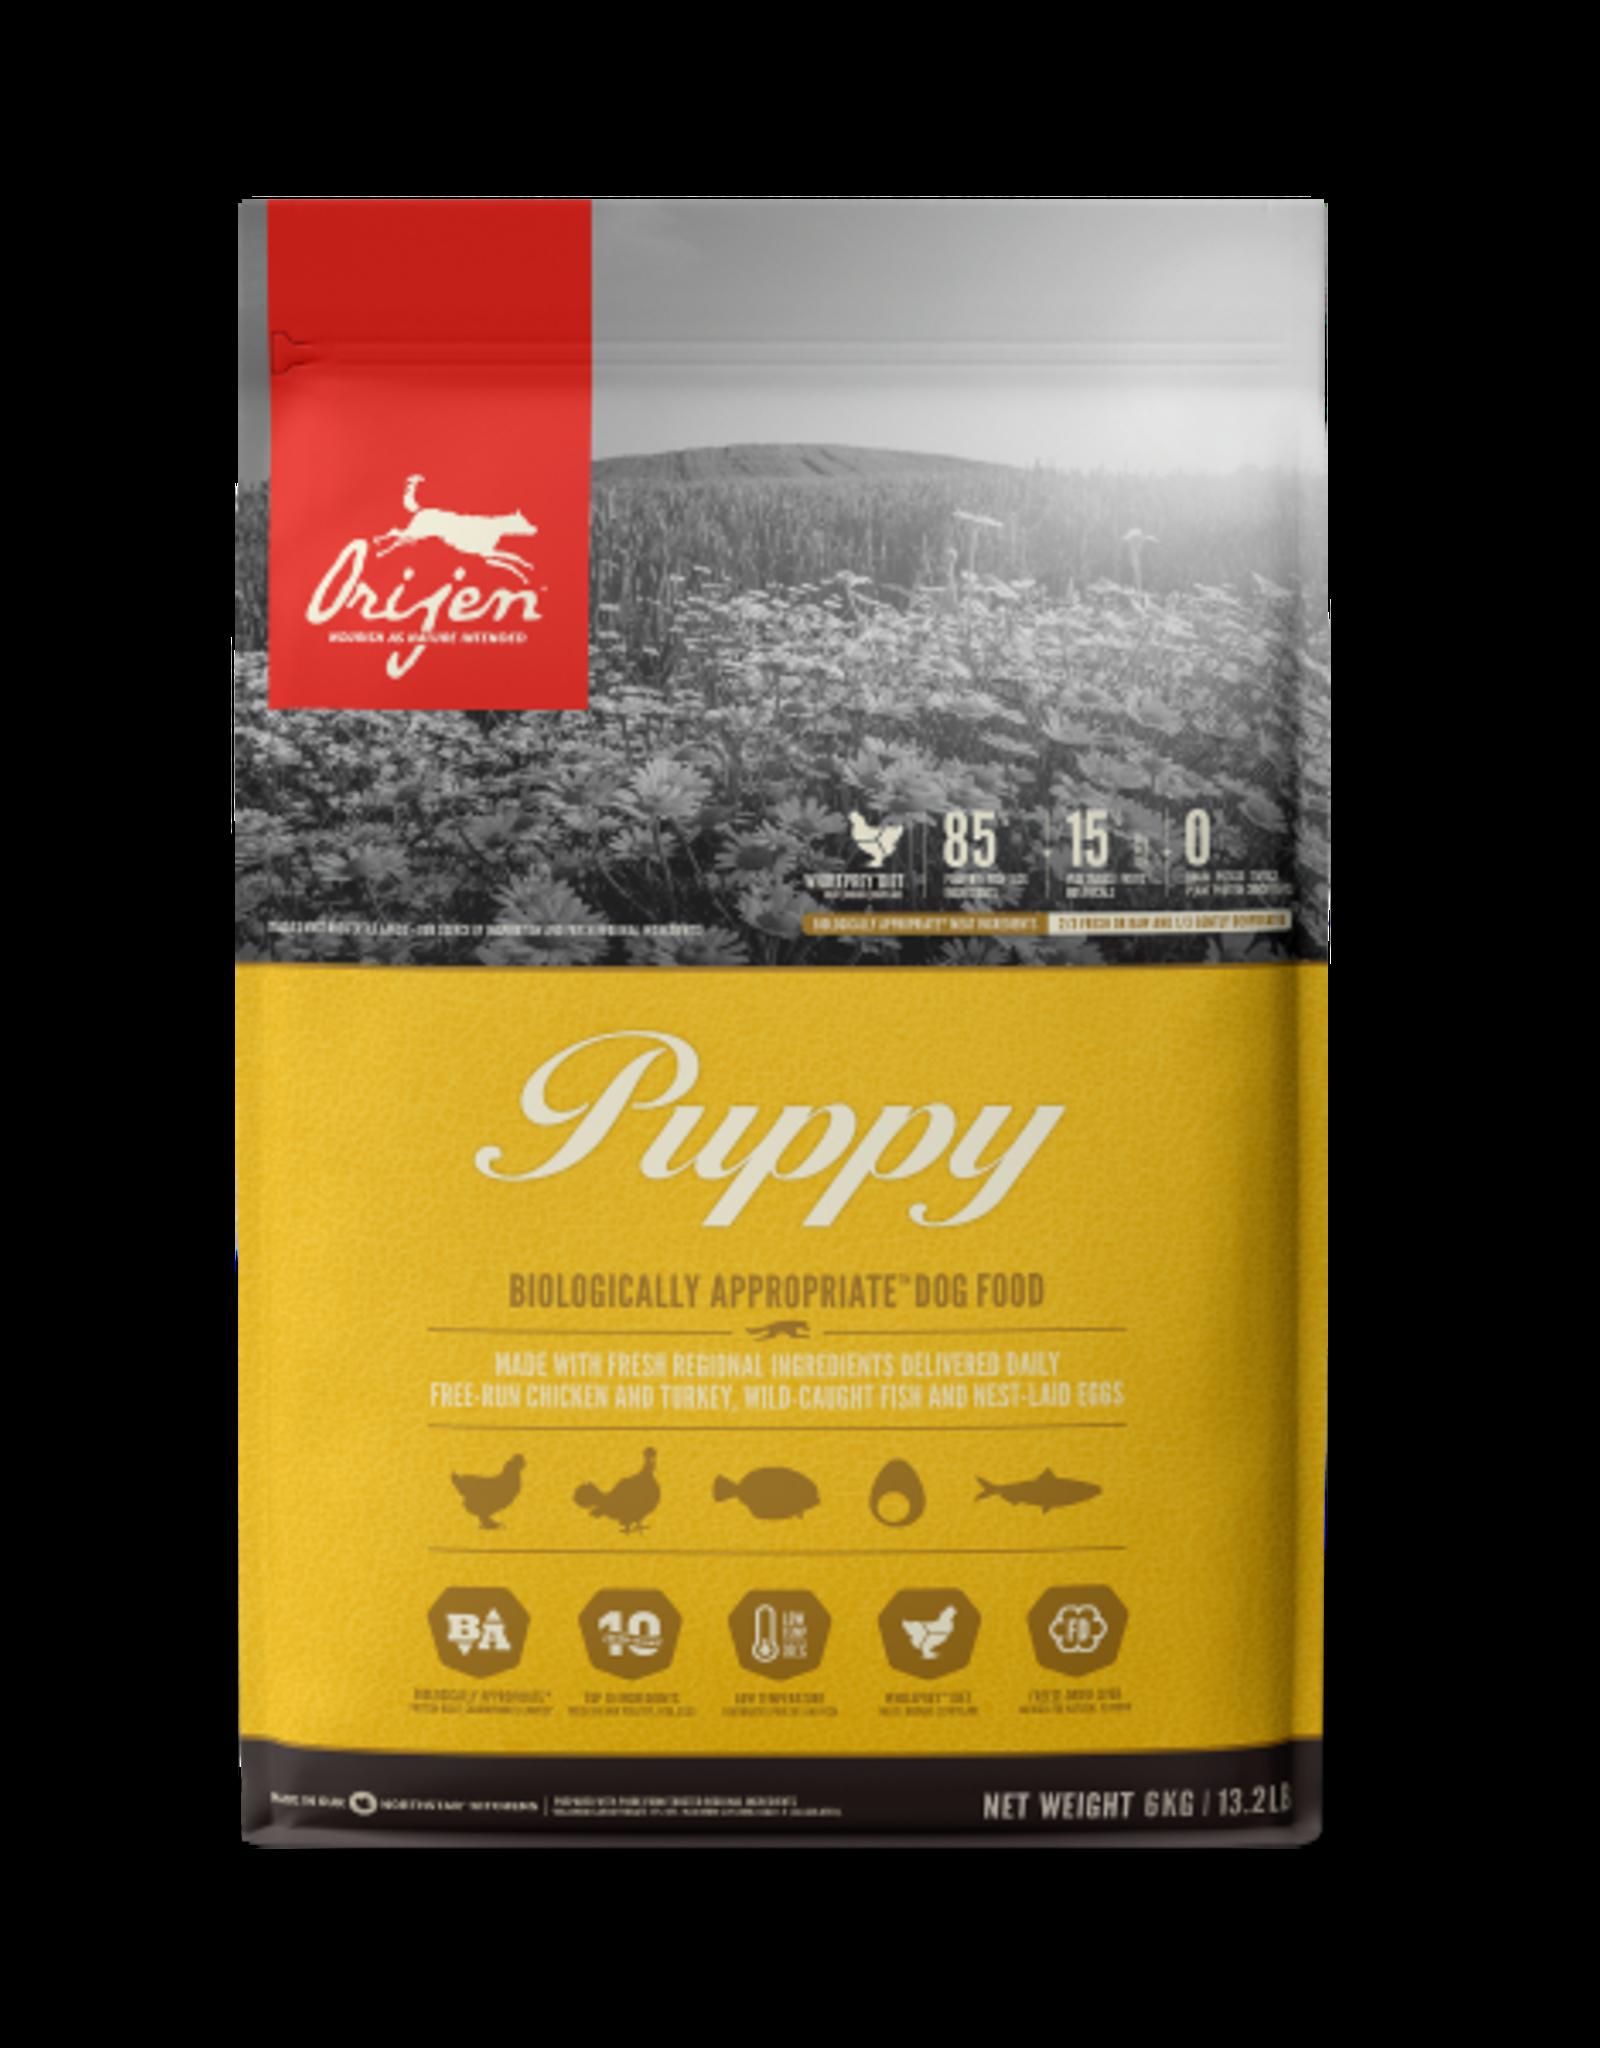 Orijen Orijen Dog Puppy 6kg